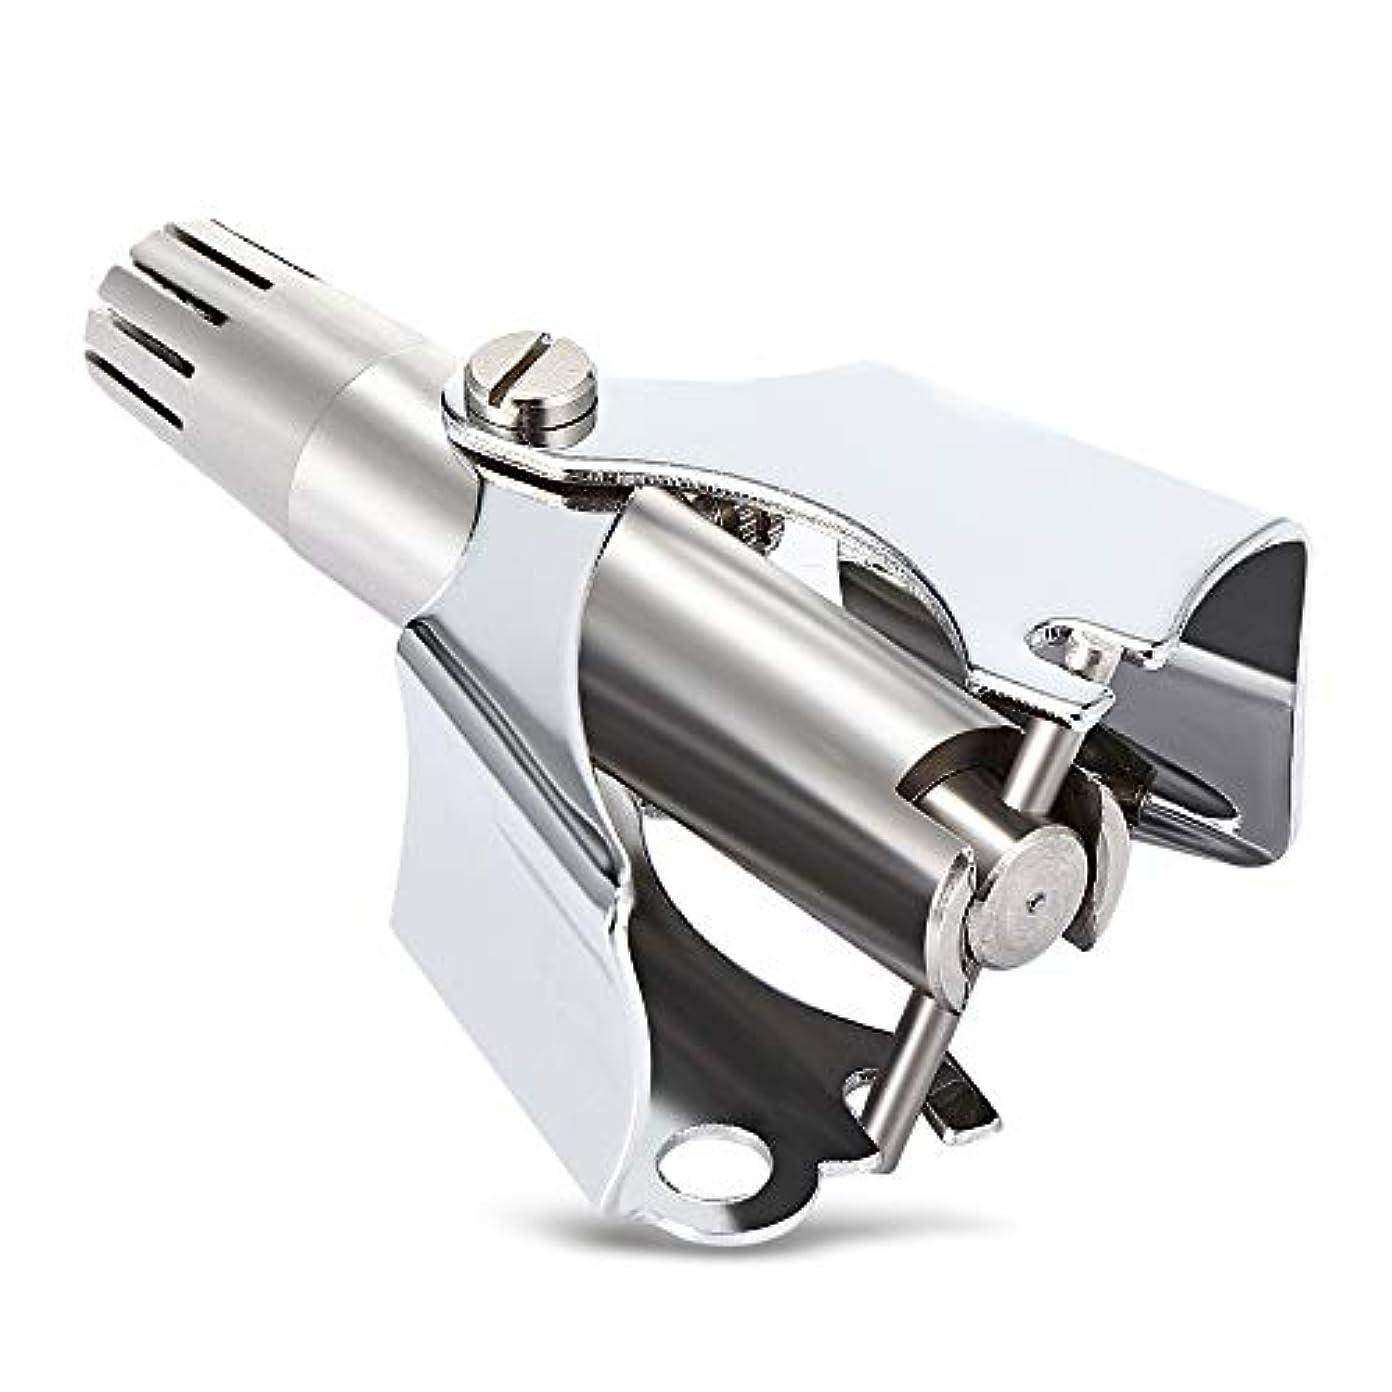 分離良心花火鼻毛カッター JPC 手動 水洗い バッテリー不要 ステンレス メンズ レディーズ 連動式 収納ケース ブラシ付き 鼻毛処理 使用簡単 安心安全